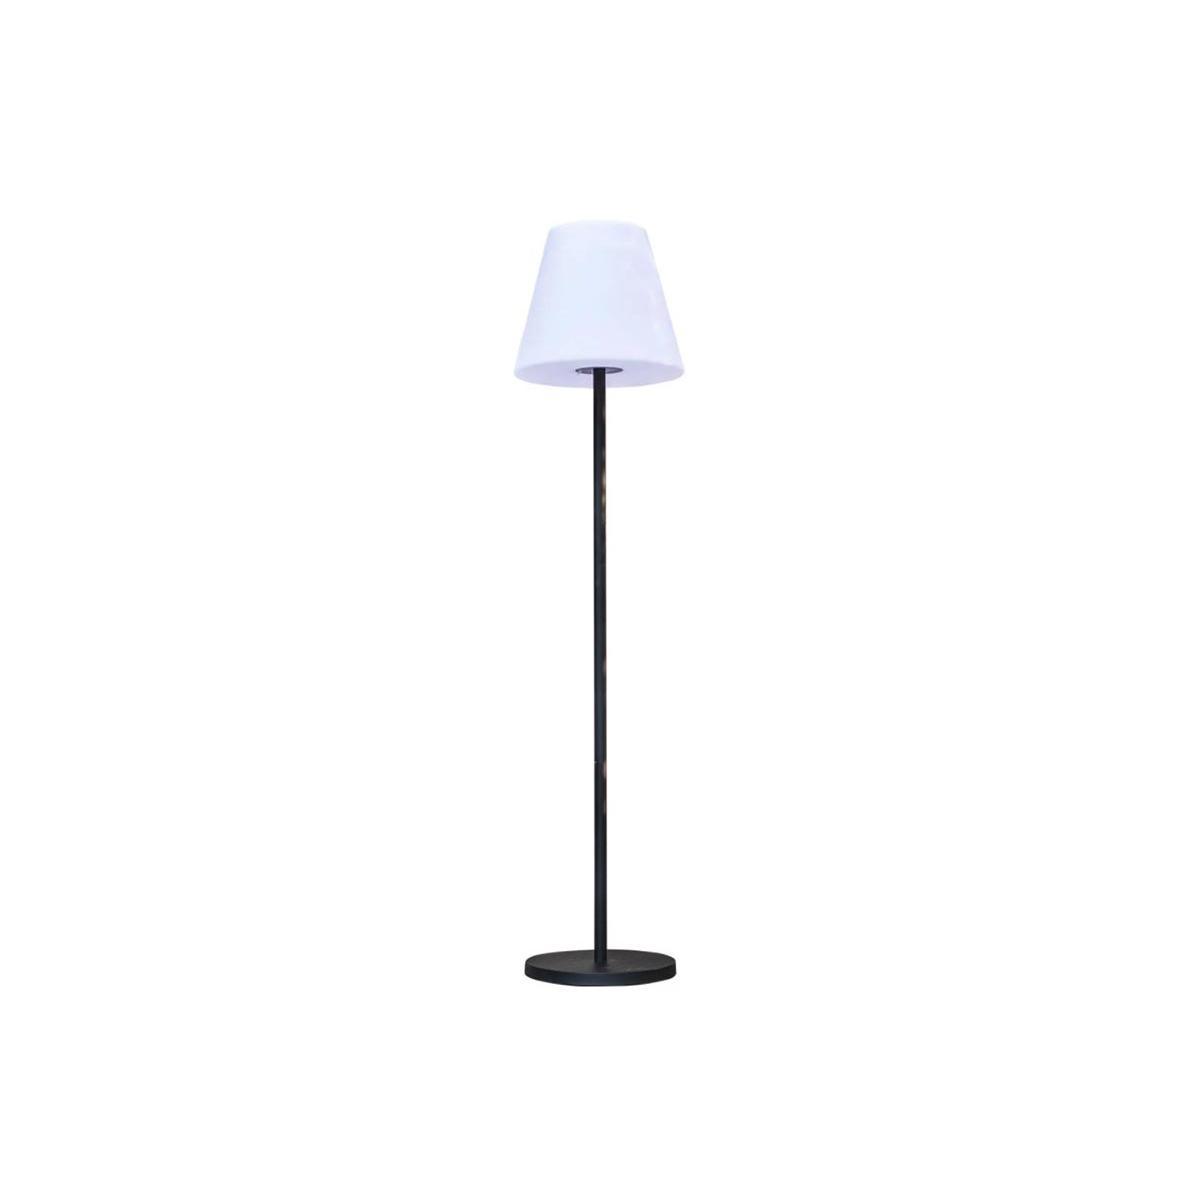 Lumisky Lampadaire lumineux solaire et rechargeable pied métal LED blanc chaud / blanc dimmable STANDY SOLAR H 150 cm